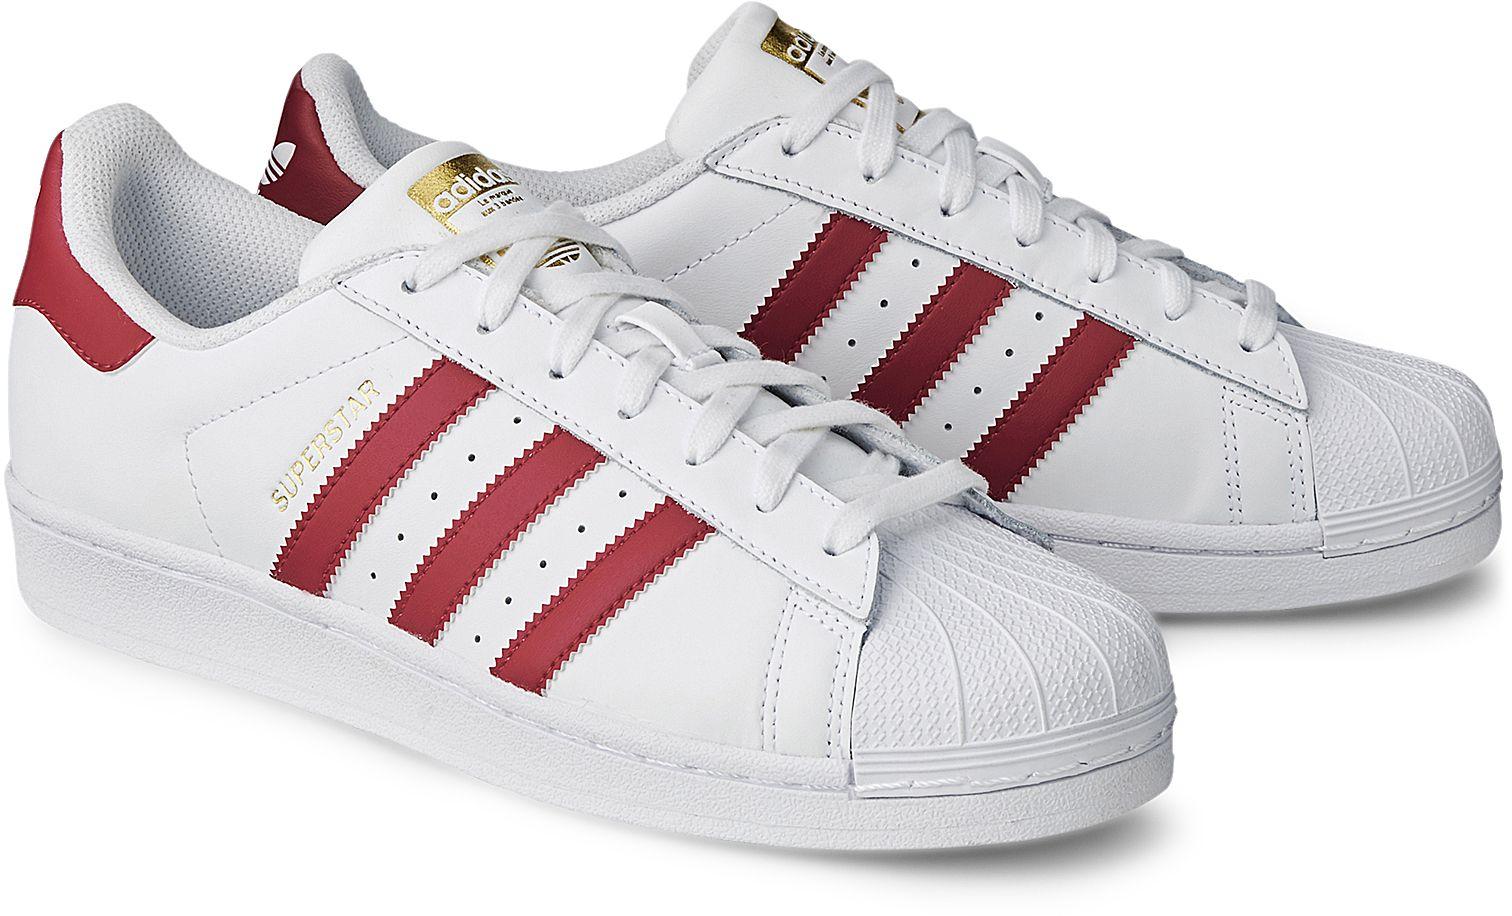 adidas schuhe größe 46 1 2 herren weiß